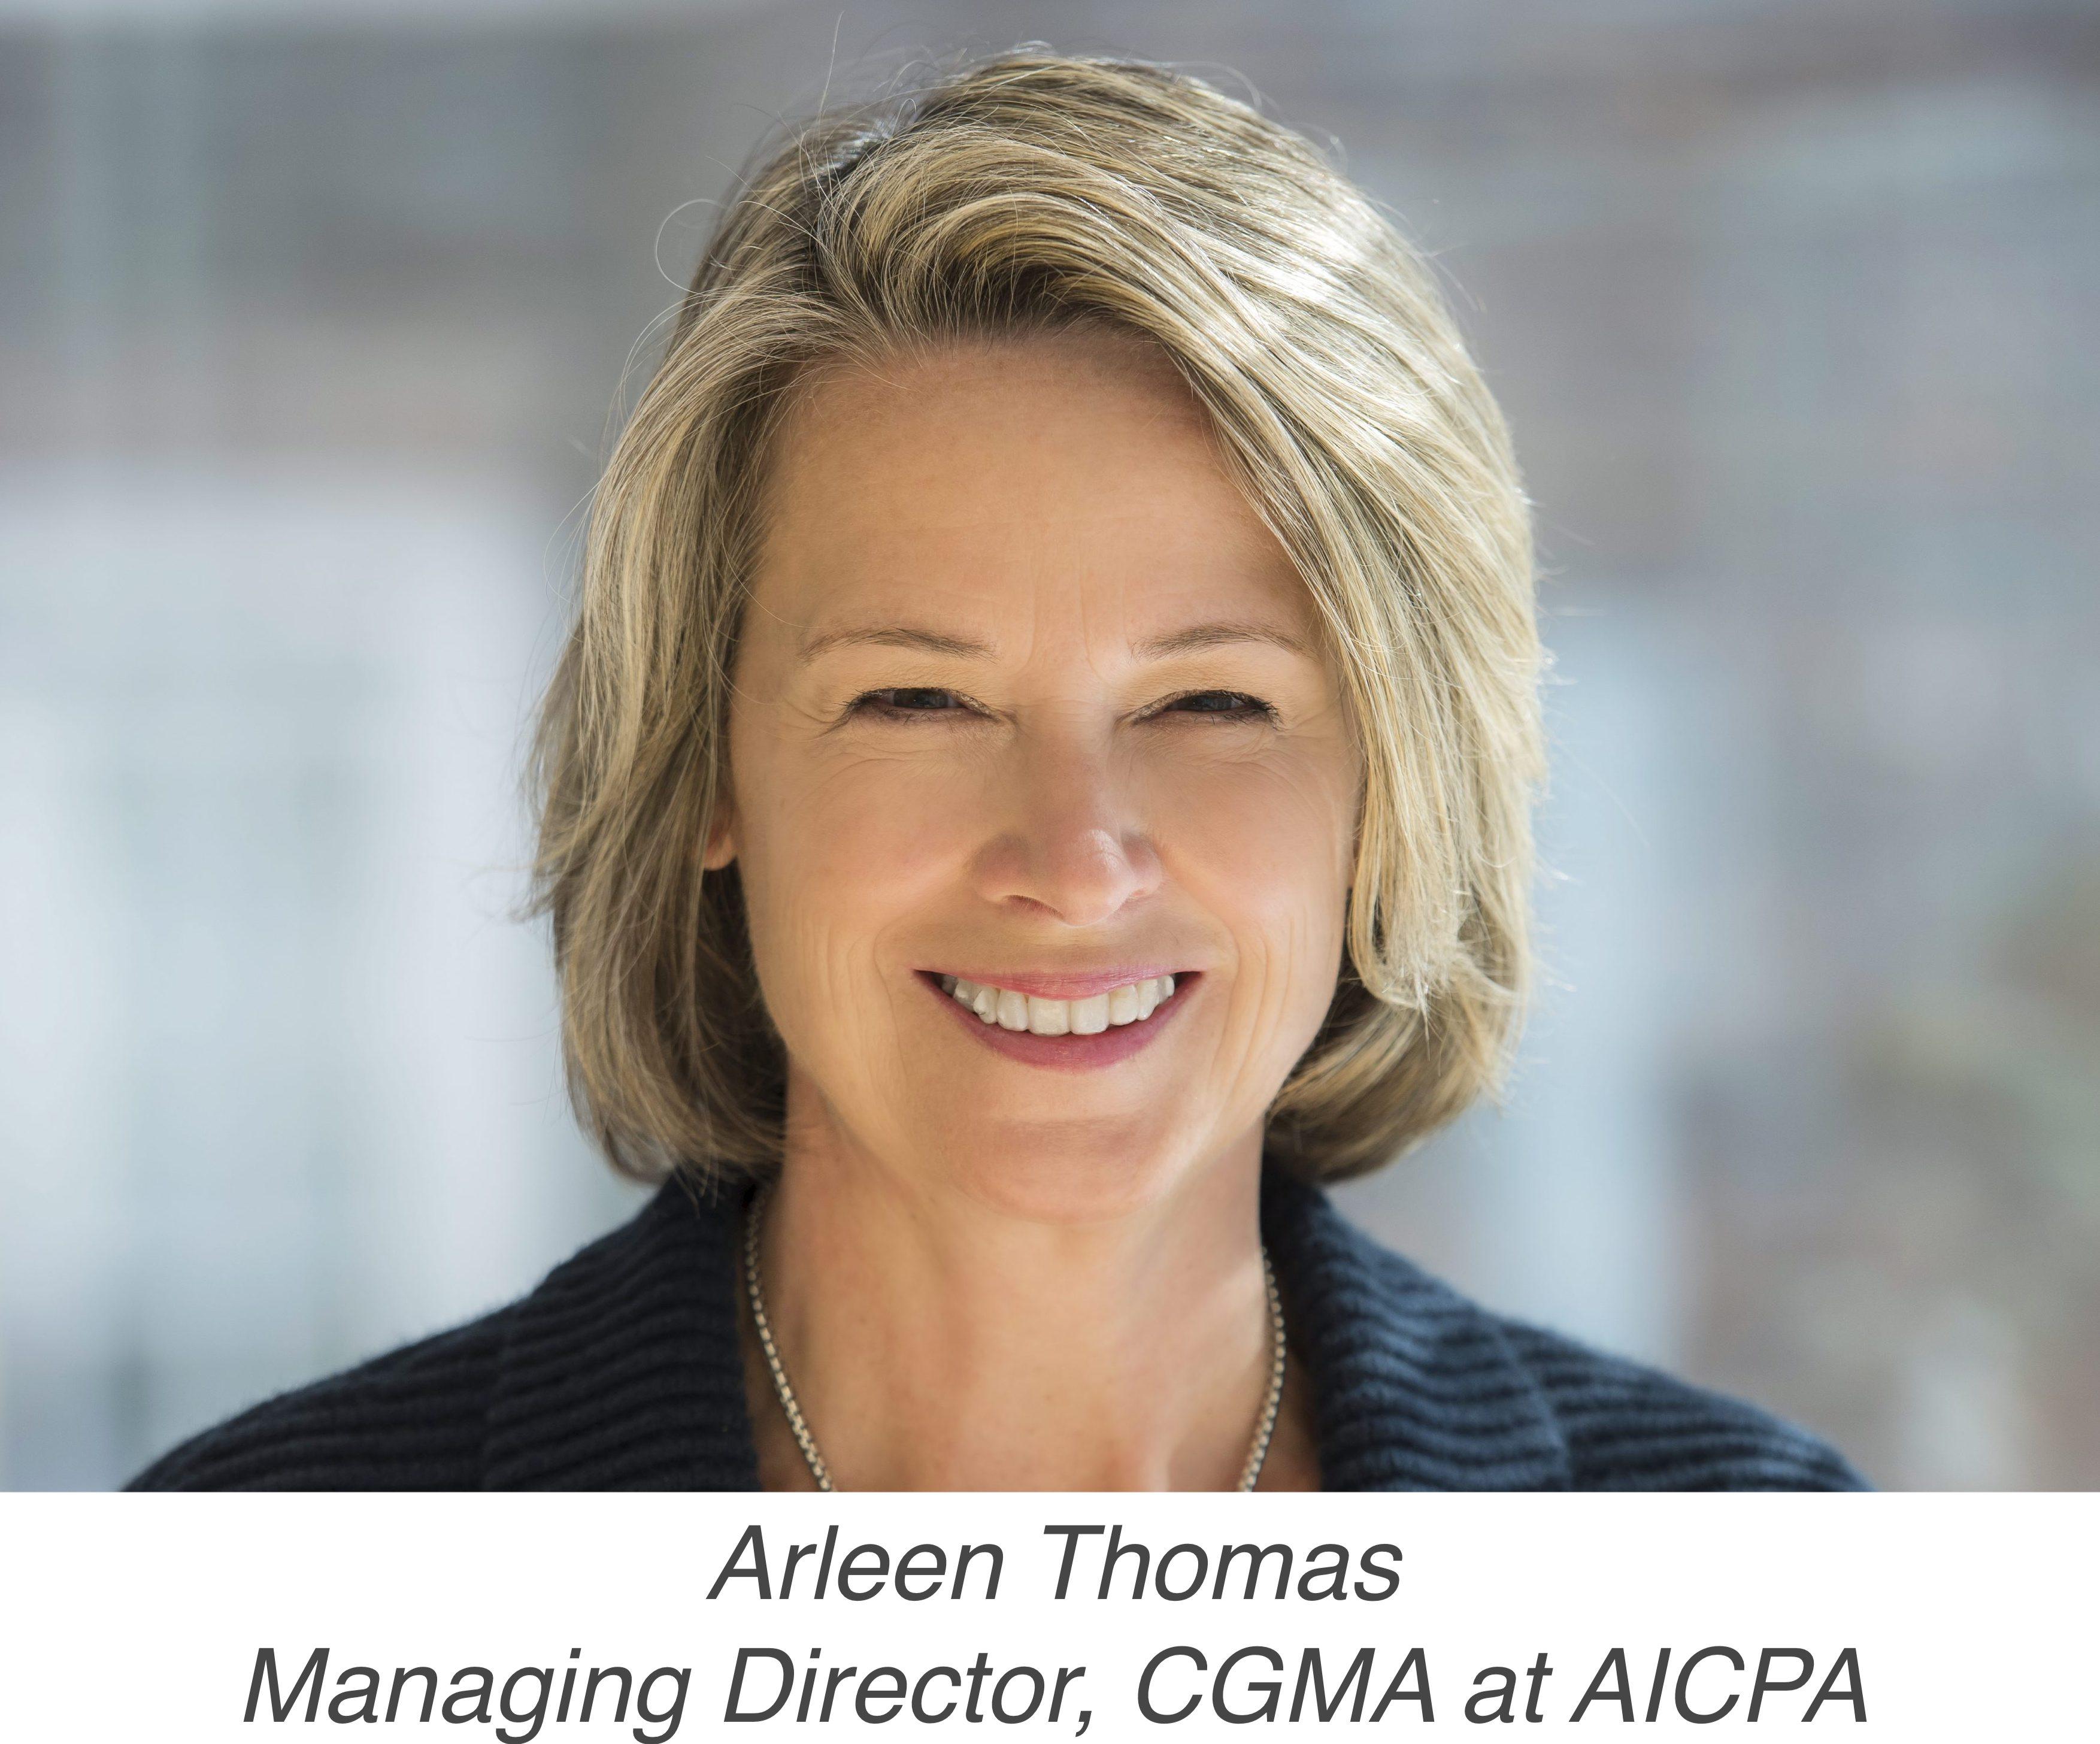 Arleen Thomas, Managing Direction, CGMA at AICPA